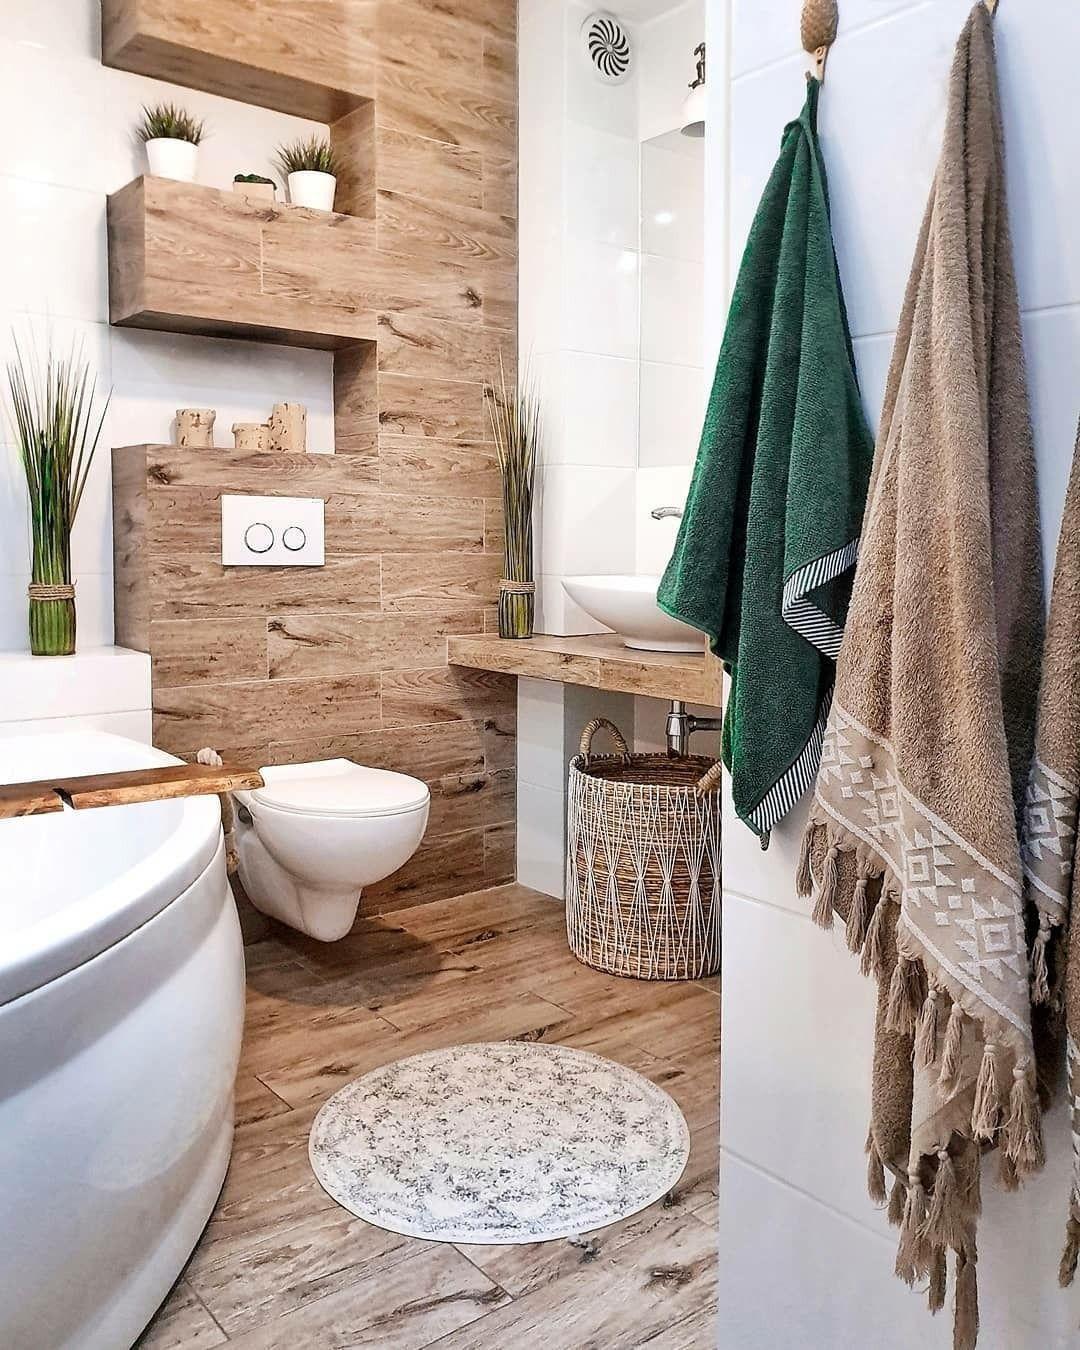 Bathroom Decor Beach Bathroom Decor Jysk Bathroom Decor Q Tip Jar Bathroom Decor Counter Bathroom And Decor Beach Bathroom Decor Bathroom Inspiration Home